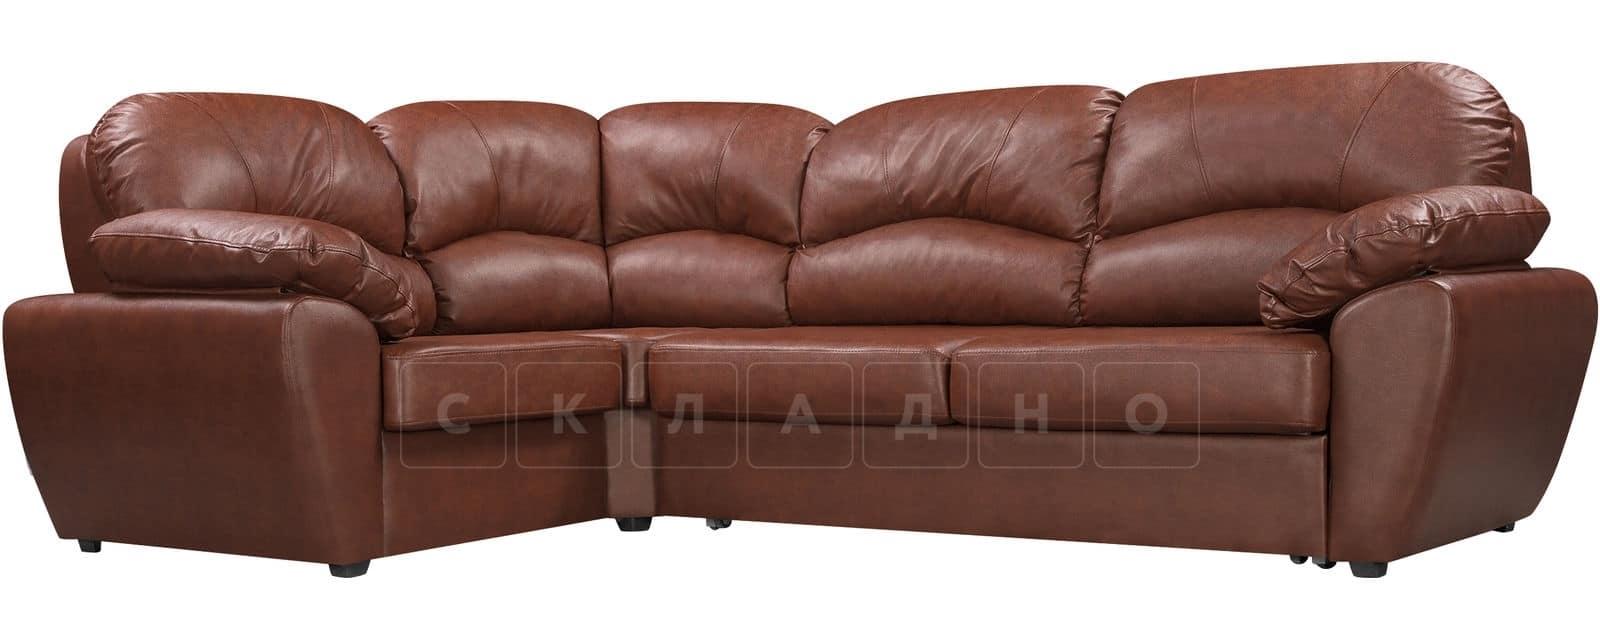 Угловой диван Эвита кожаный коричневый левый угол фото 1   интернет-магазин Складно